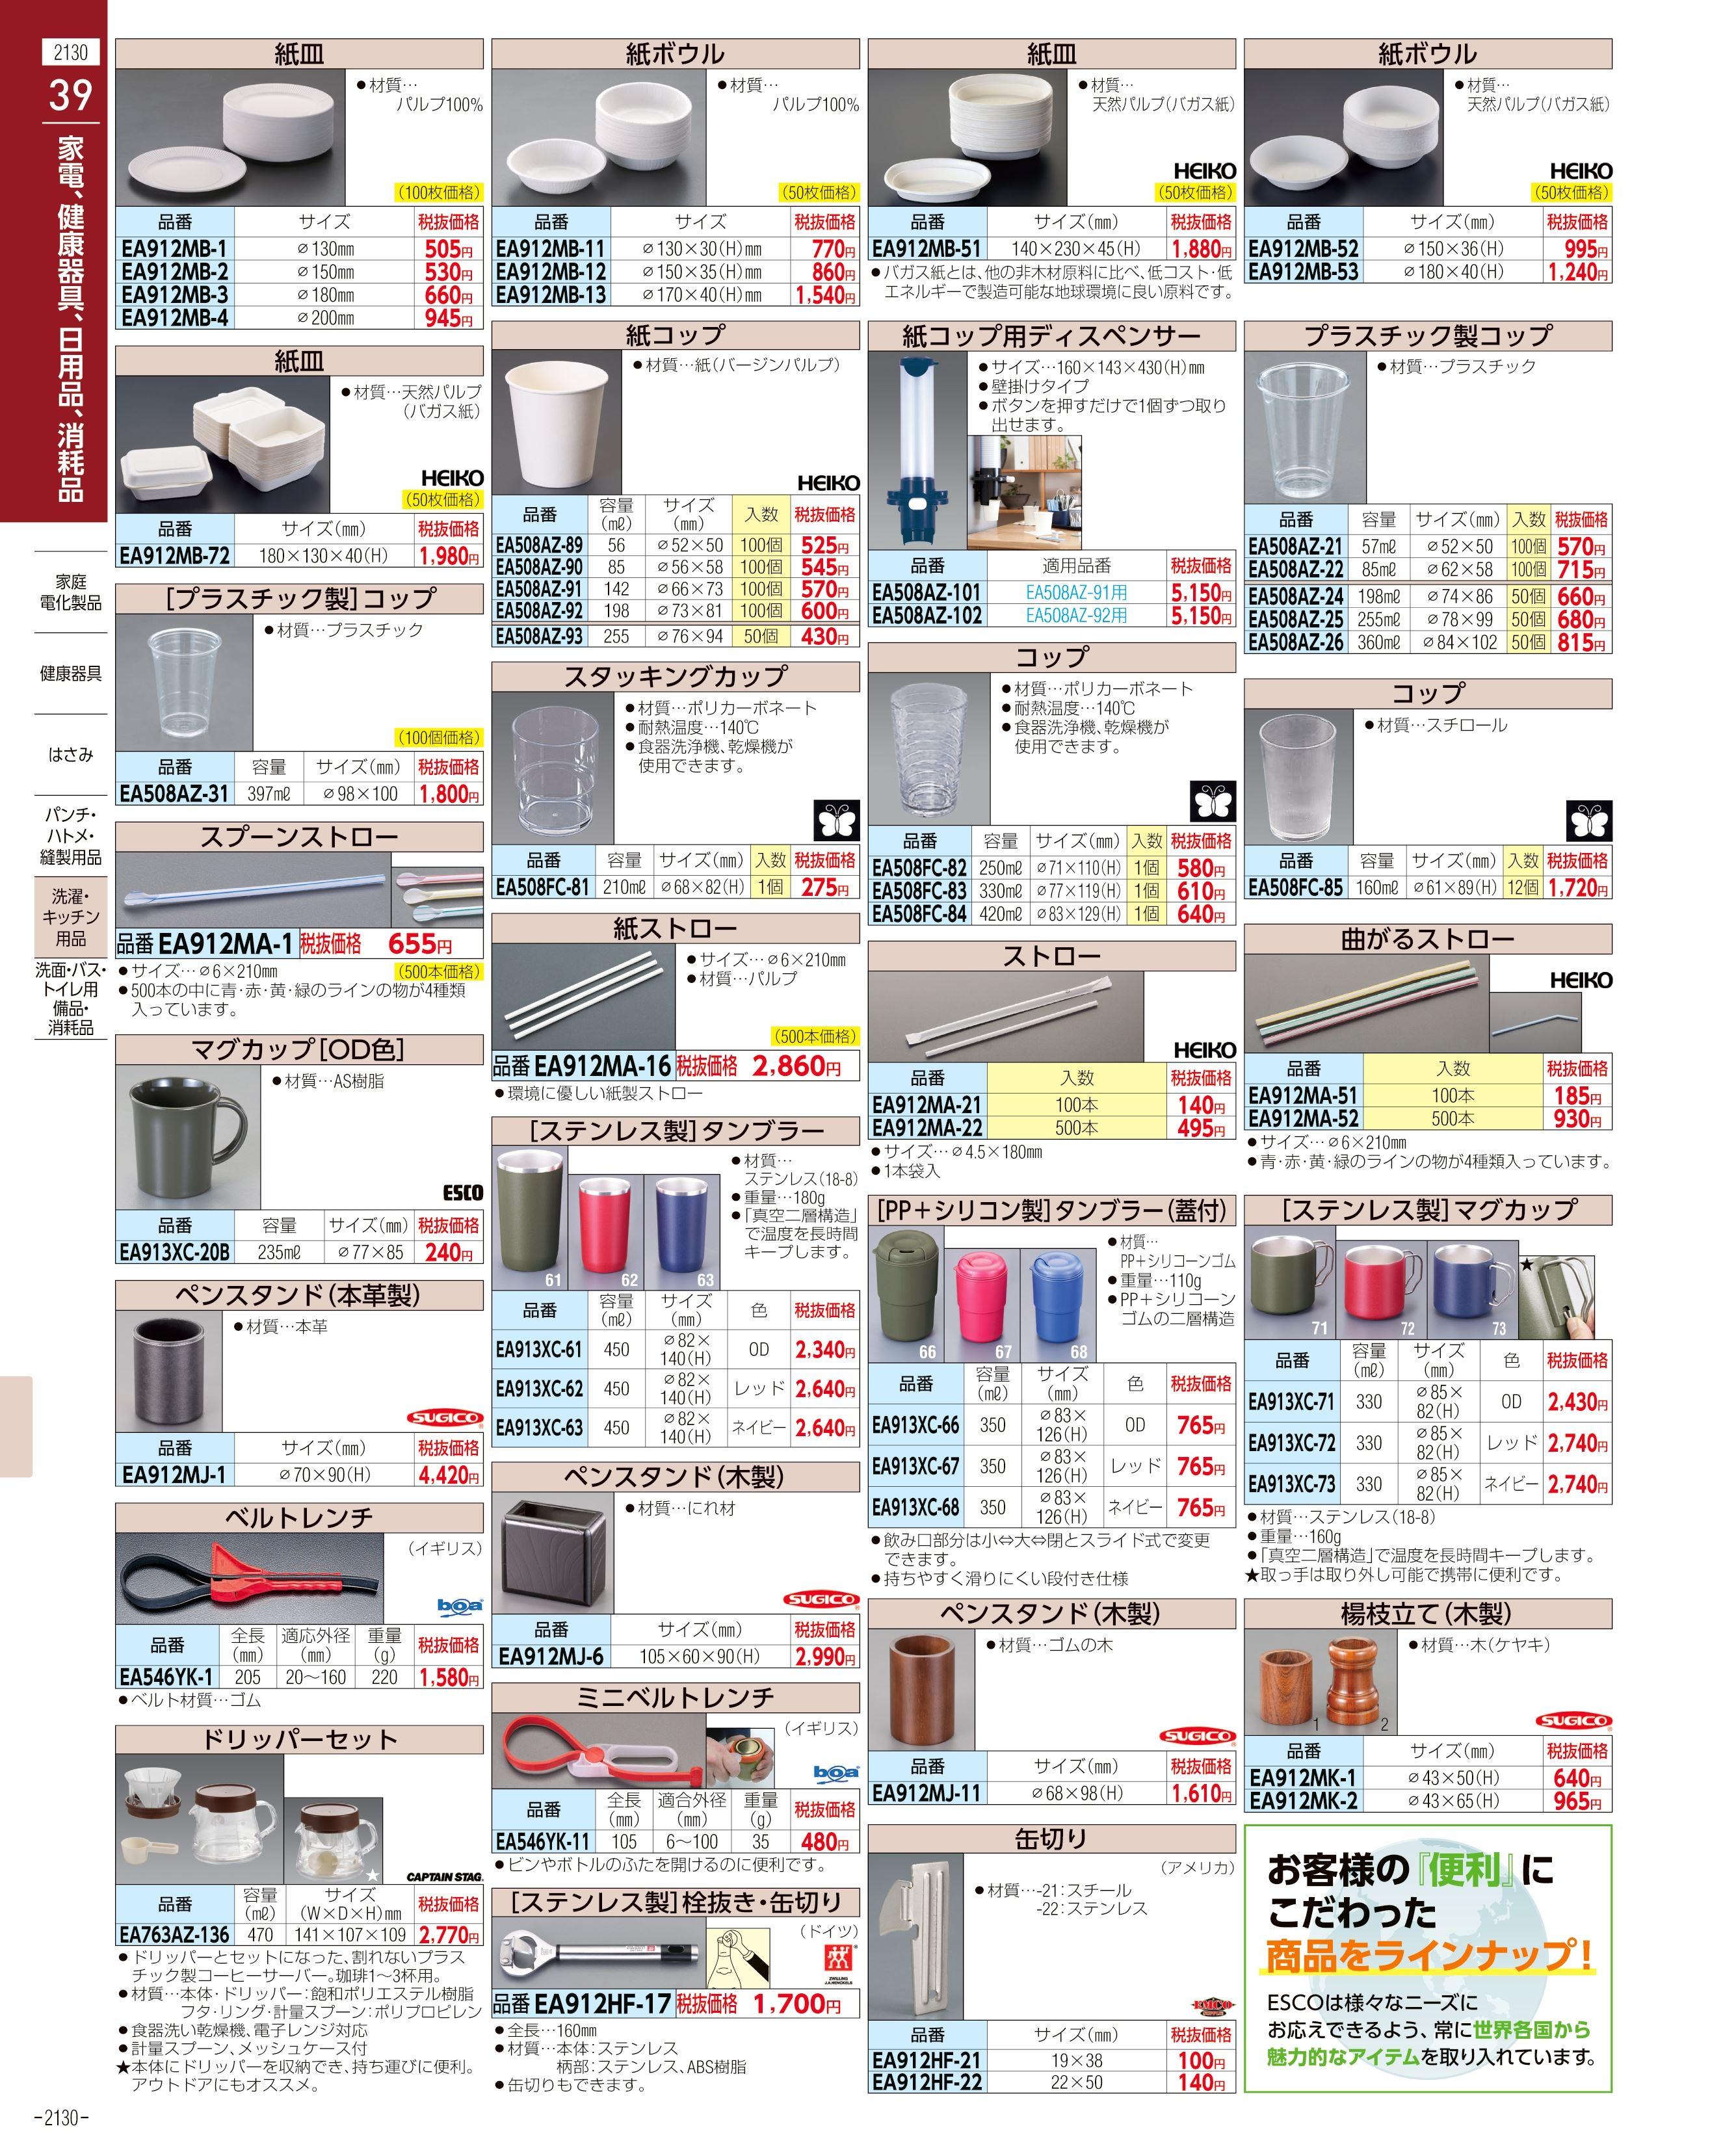 エスコ便利カタログ2130ページ